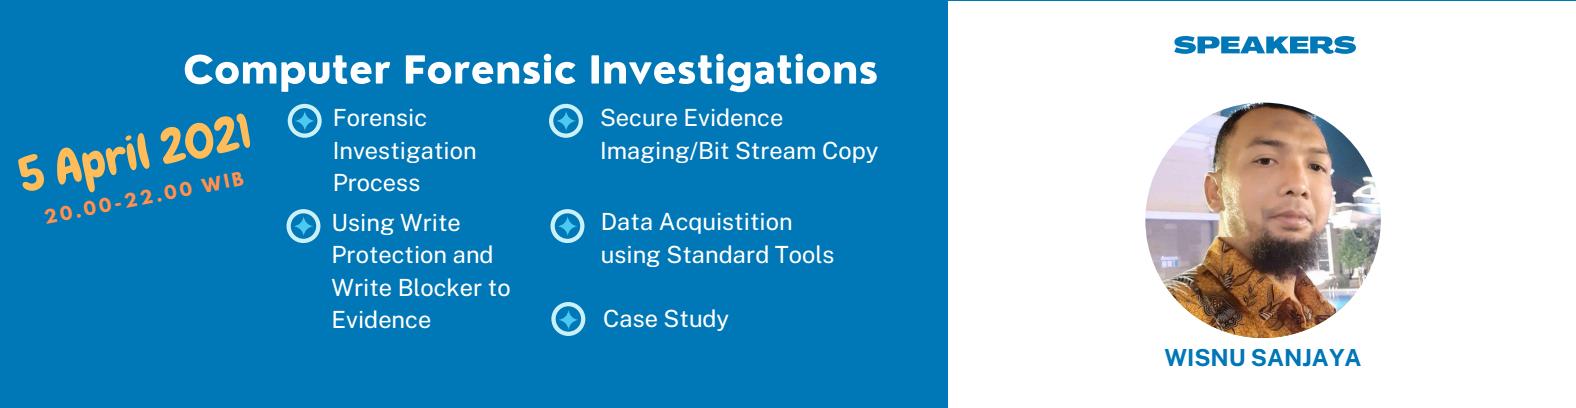 1. Computer Forensic Investigation (5 April 2021) - Biaya 100k